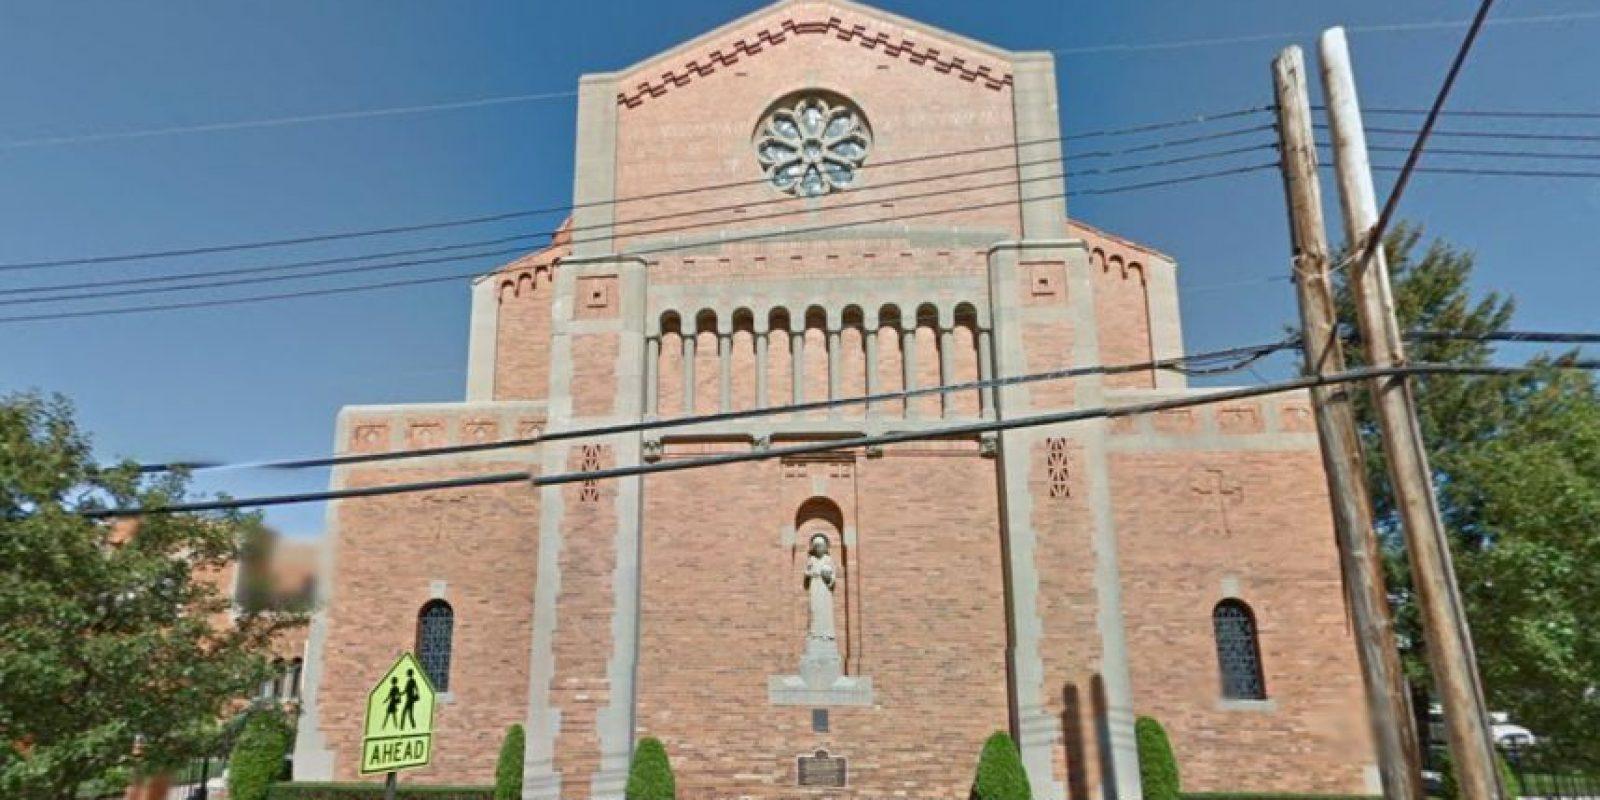 Los religiosos de la iglesia agradecen que la madre haya tenido el cuidado de dejarlo en el interior. Foto:Vía Google Maps